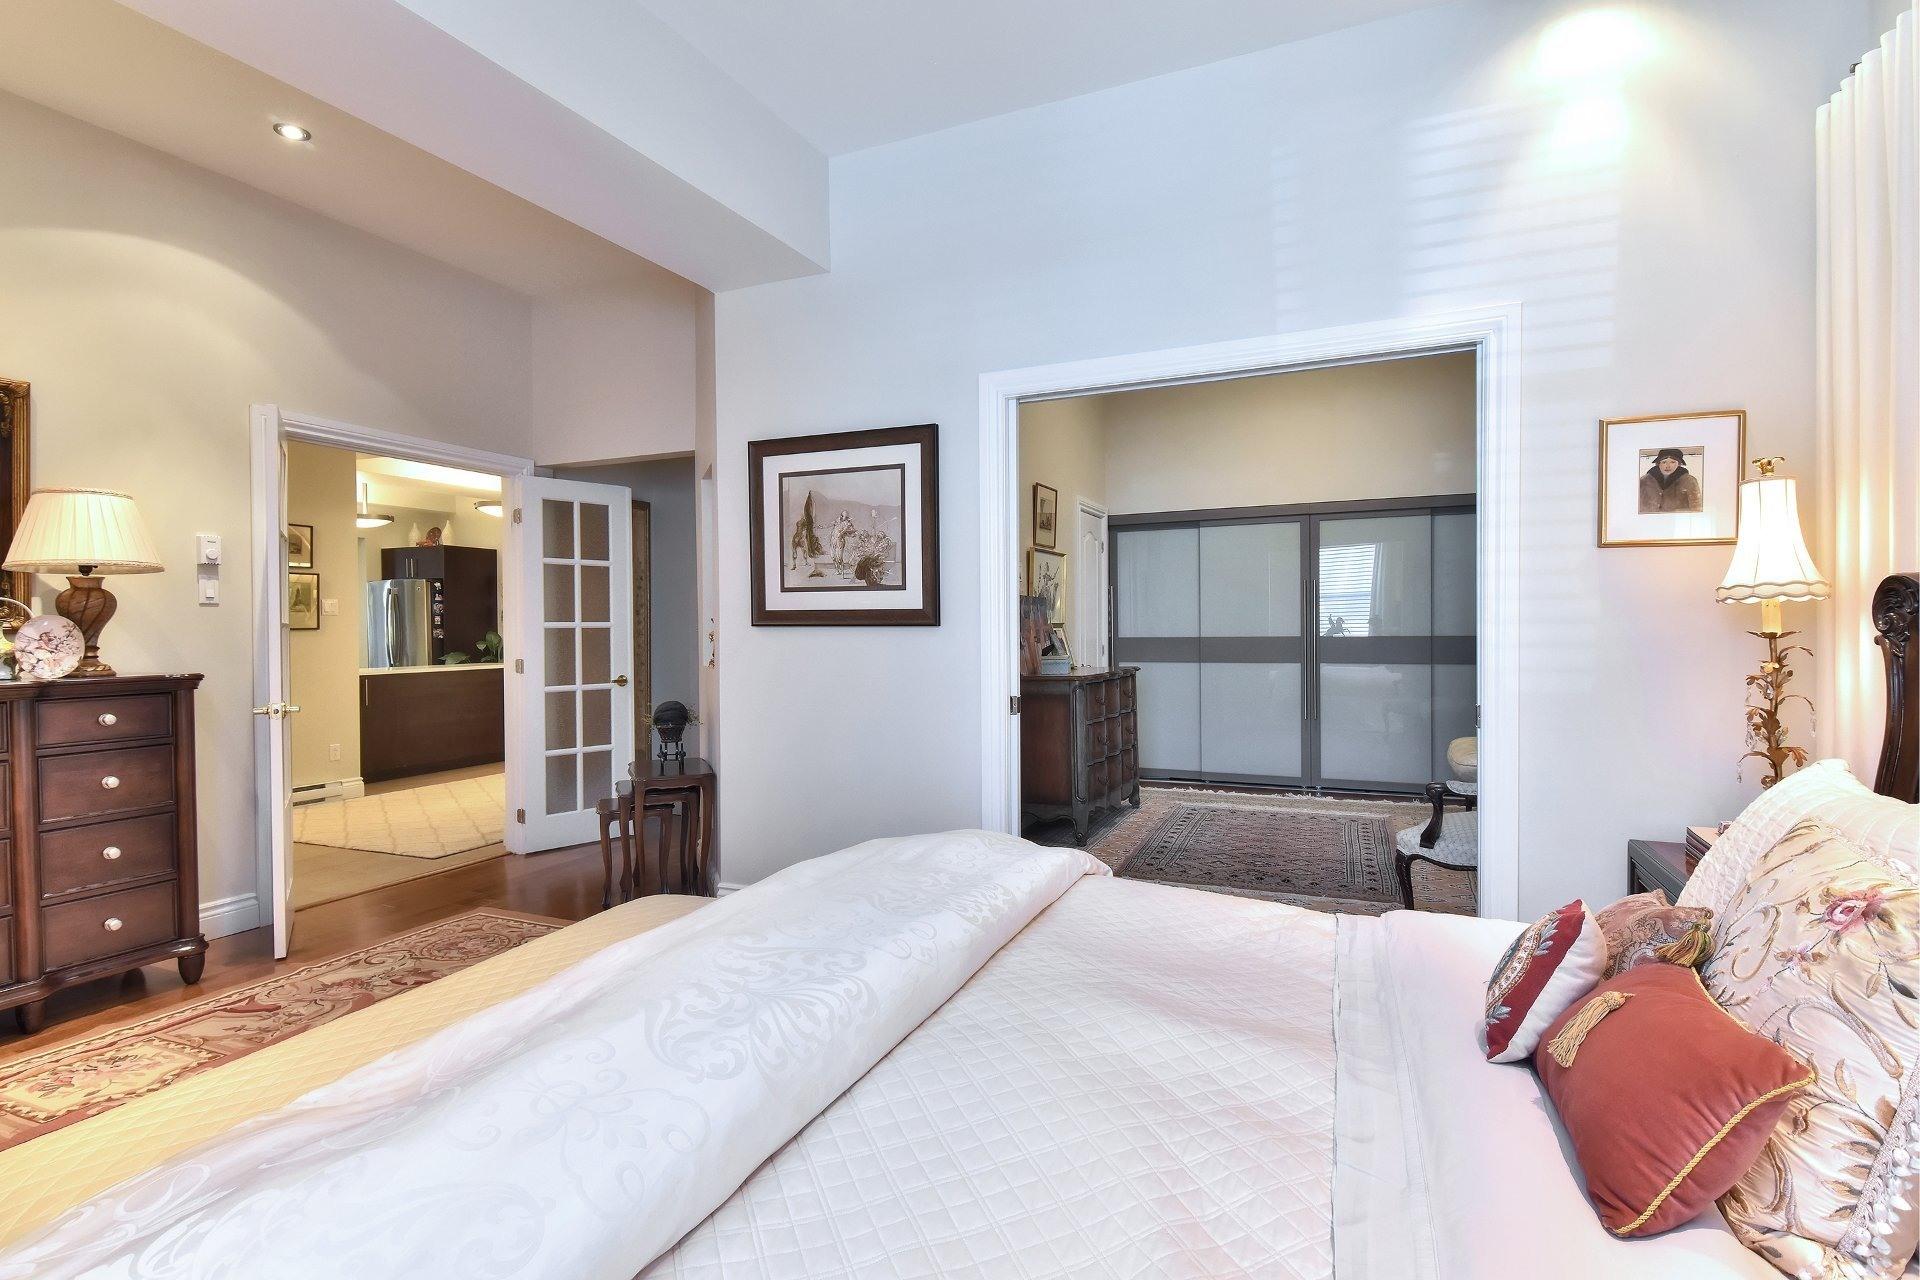 image 12 - Apartment For sale Côte-des-Neiges/Notre-Dame-de-Grâce Montréal  - 6 rooms